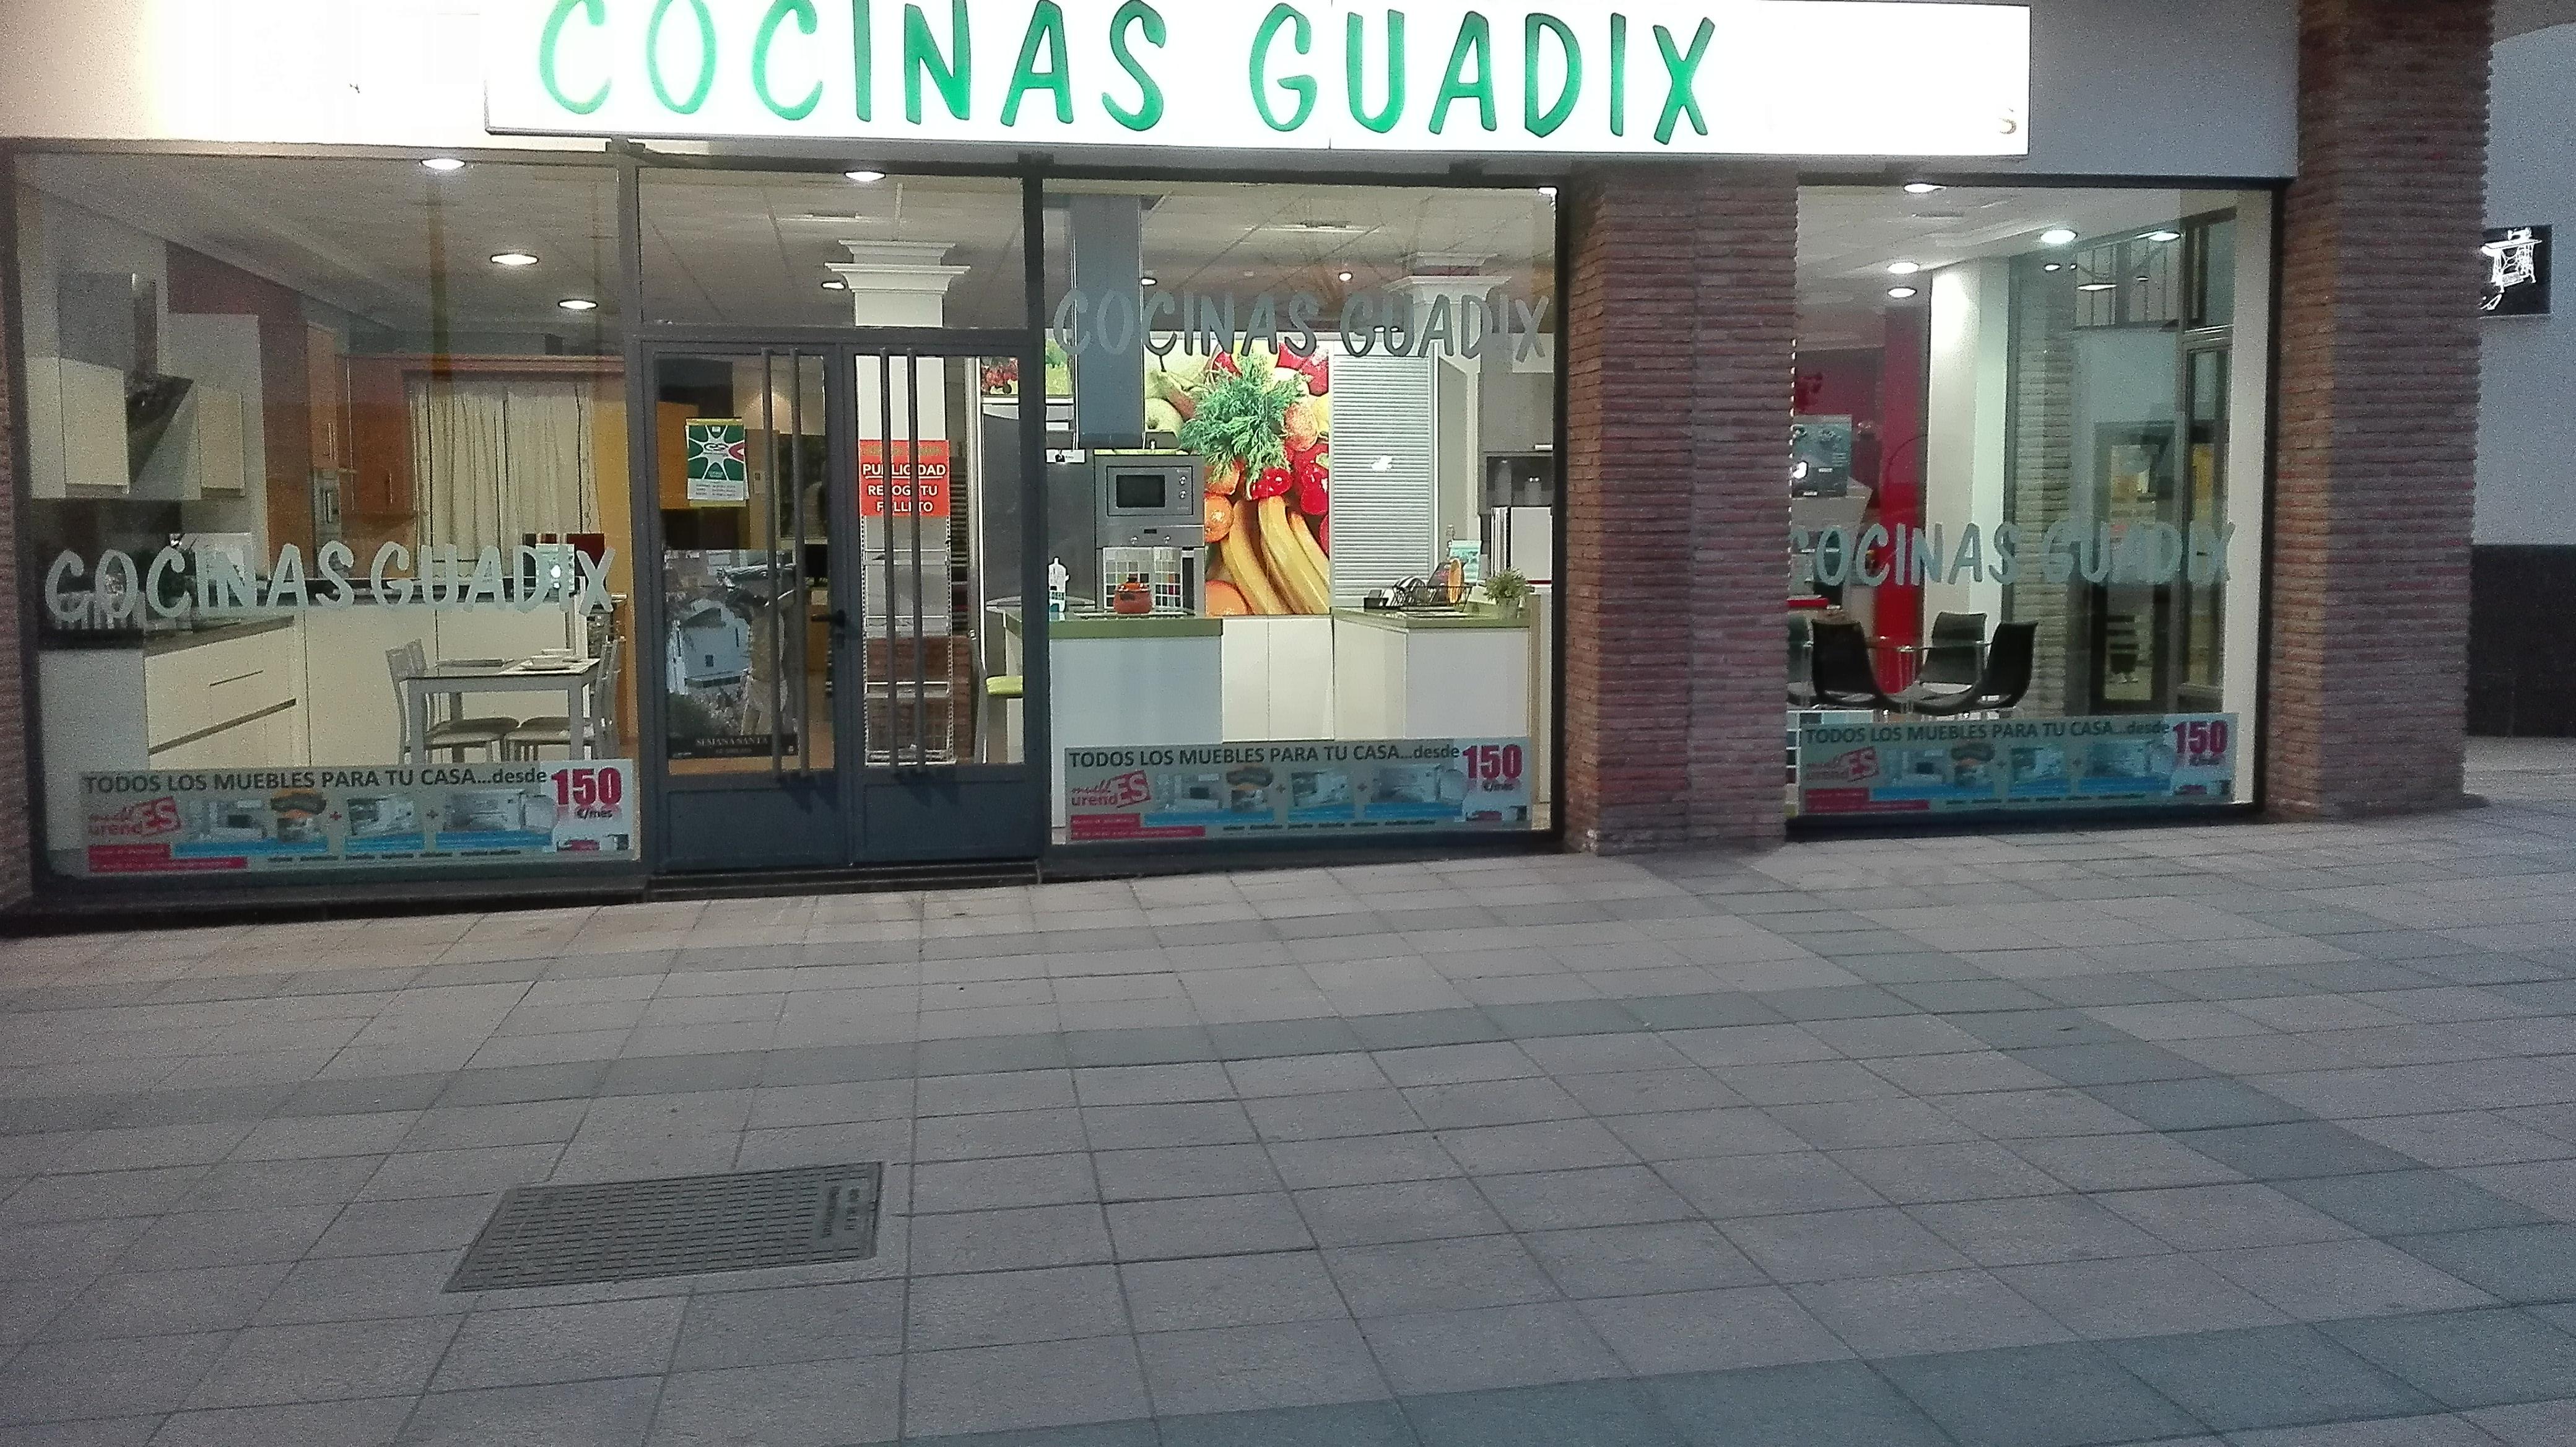 Cocinas Guadix tienda